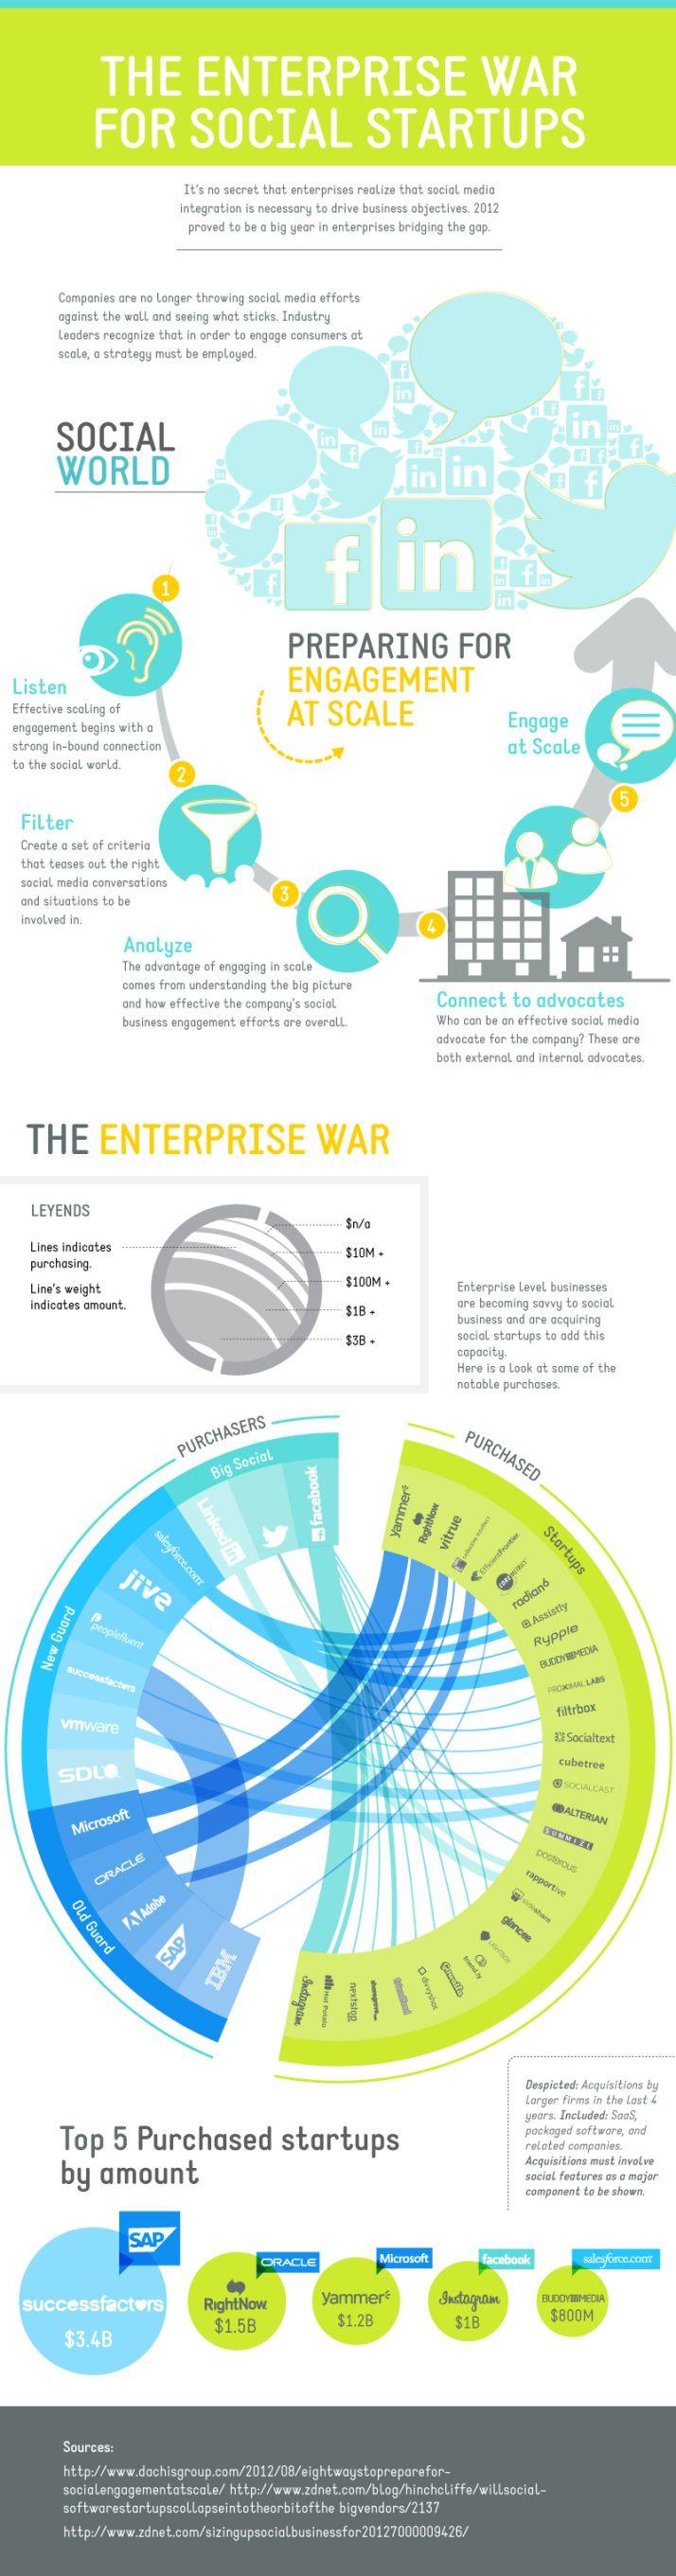 The enterprise war for social startups #infografia #infographic #socialmedia